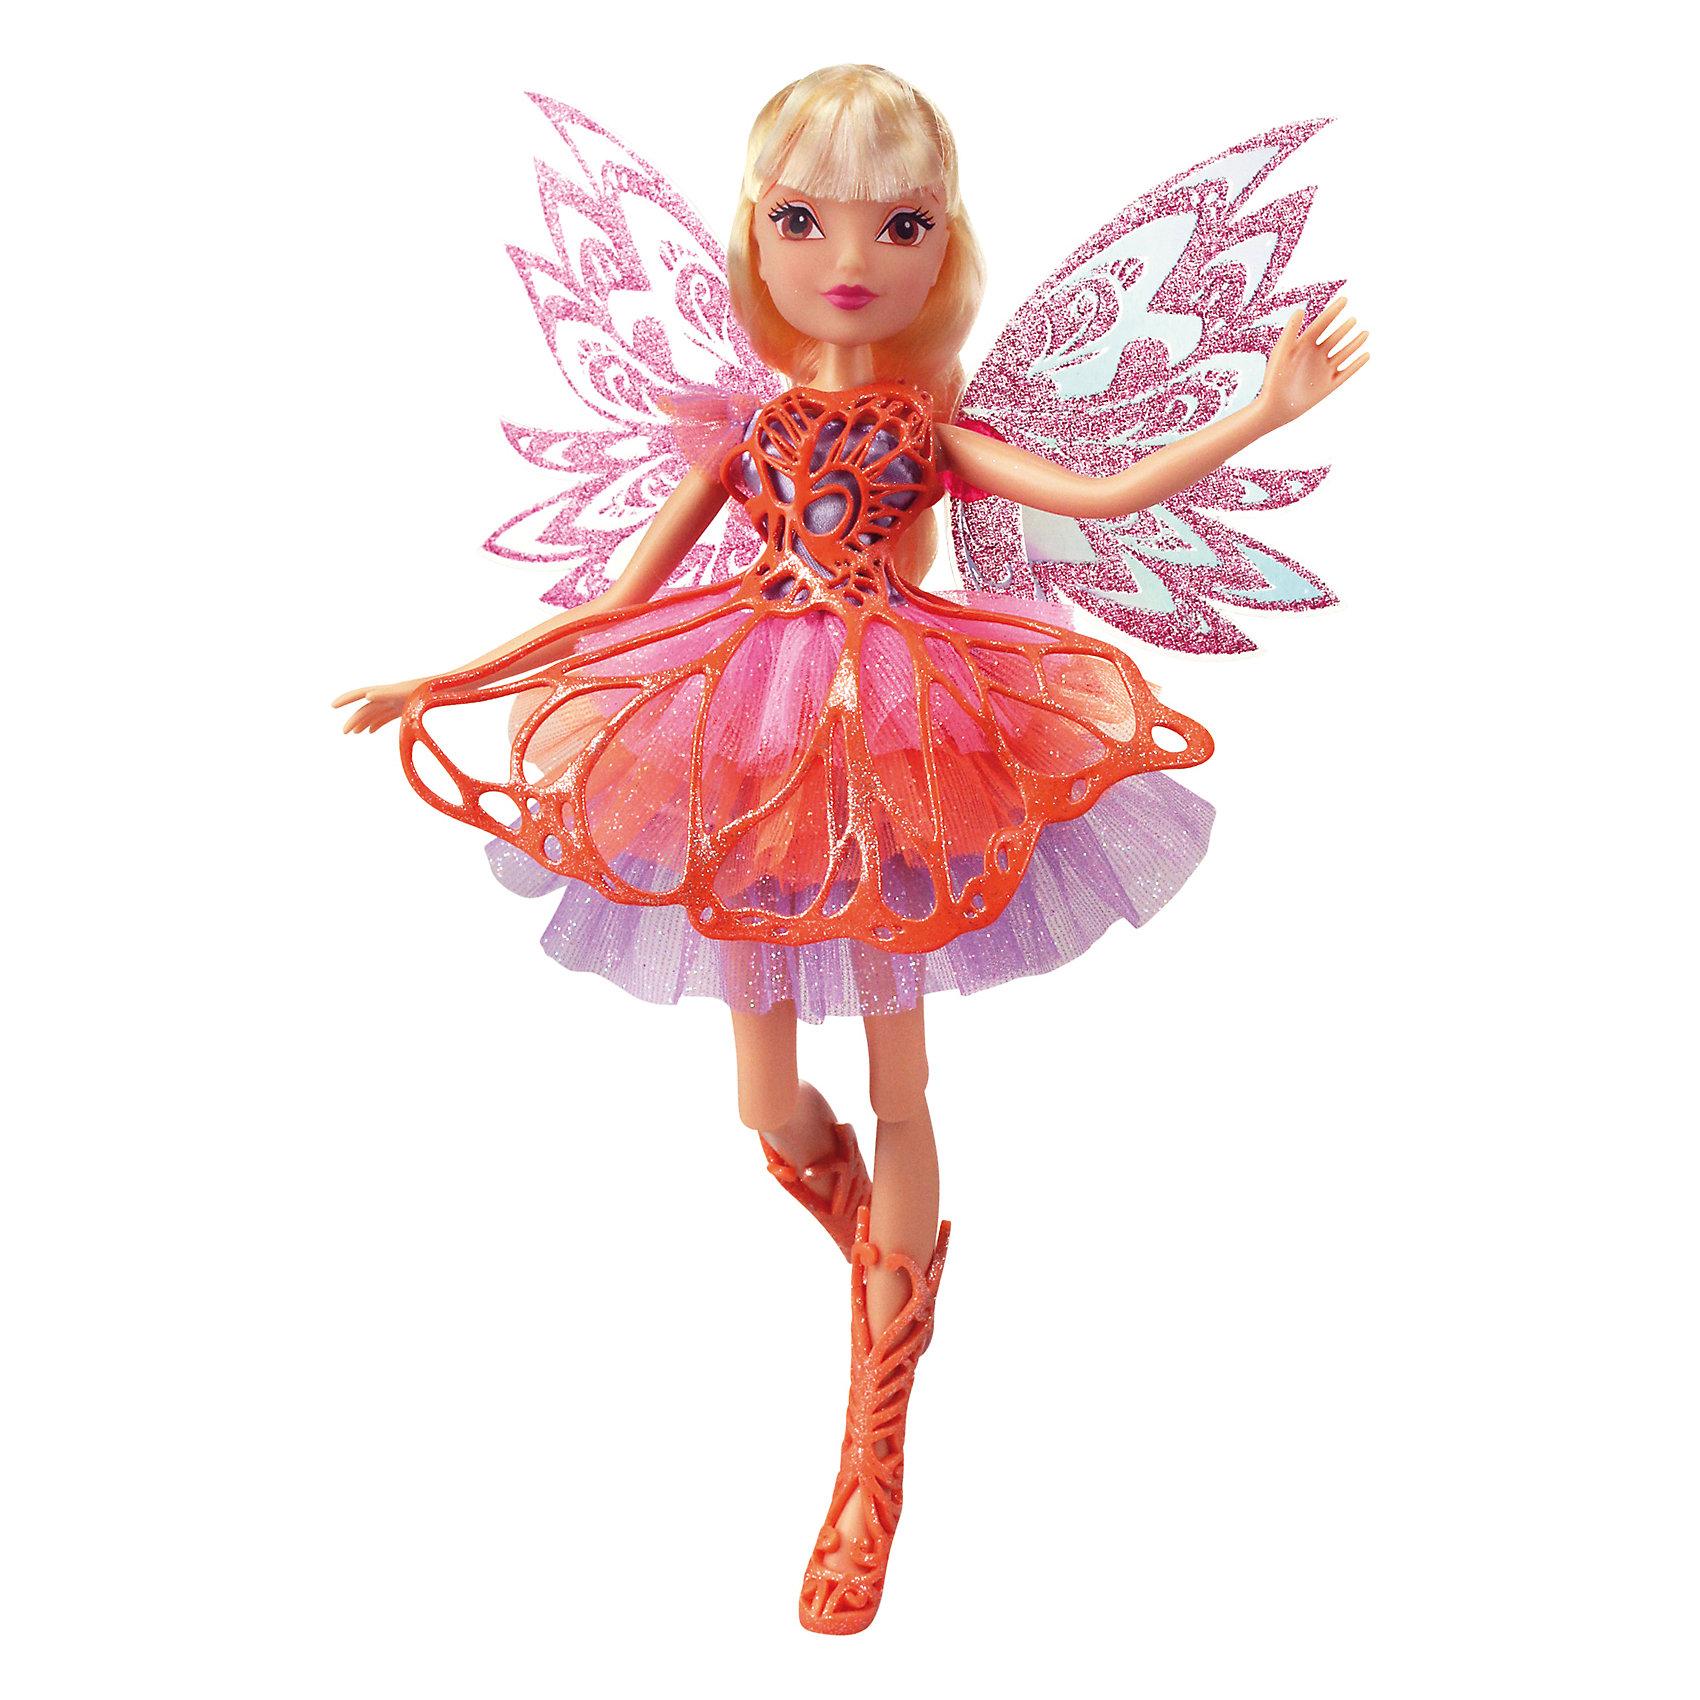 Кукла Winx Club Баттерфликс СтеллаПопулярные игрушки<br>Очаровательные куколки выглядят в точности так же, как и героини мультсериала «Winx Club» (Винкс Клуб). Волшебница Стелла одета в красивое персиковое платье, состоящее из  приталенного лифа и пышной юбки. На ногах куколки - нежно-персиковые плетеные сапожки. Оригинальный аксессуар - съемная плетеная накладка на платье, делает образ феи еще более невесомым и воздушным. Длинные белокурые волосы куклы очень приятно расчесывать, создавая великолепные прически. Позвольте вашей девочке почувствовать себя настоящей феей вместе с любимыми героинями. Собери все куколок, проигрывай запомнившиеся моменты из мультсериала или придумывай свои новые истории! <br><br>Дополнительная информация:<br><br>- Комплектация: кукла, расческа, съемные крылья, одежда, обувь.<br>- Материал:  пластик, текстиль. <br>- Высота куклы: 28 см.<br>- Голова, руки, ноги подвижные. <br><br>Куклу Winx Club Баттерфликс, Стеллу, можно купить в нашем магазине.<br><br>Ширина мм: 290<br>Глубина мм: 60<br>Высота мм: 345<br>Вес г: 420<br>Возраст от месяцев: 36<br>Возраст до месяцев: 84<br>Пол: Женский<br>Возраст: Детский<br>SKU: 4345039